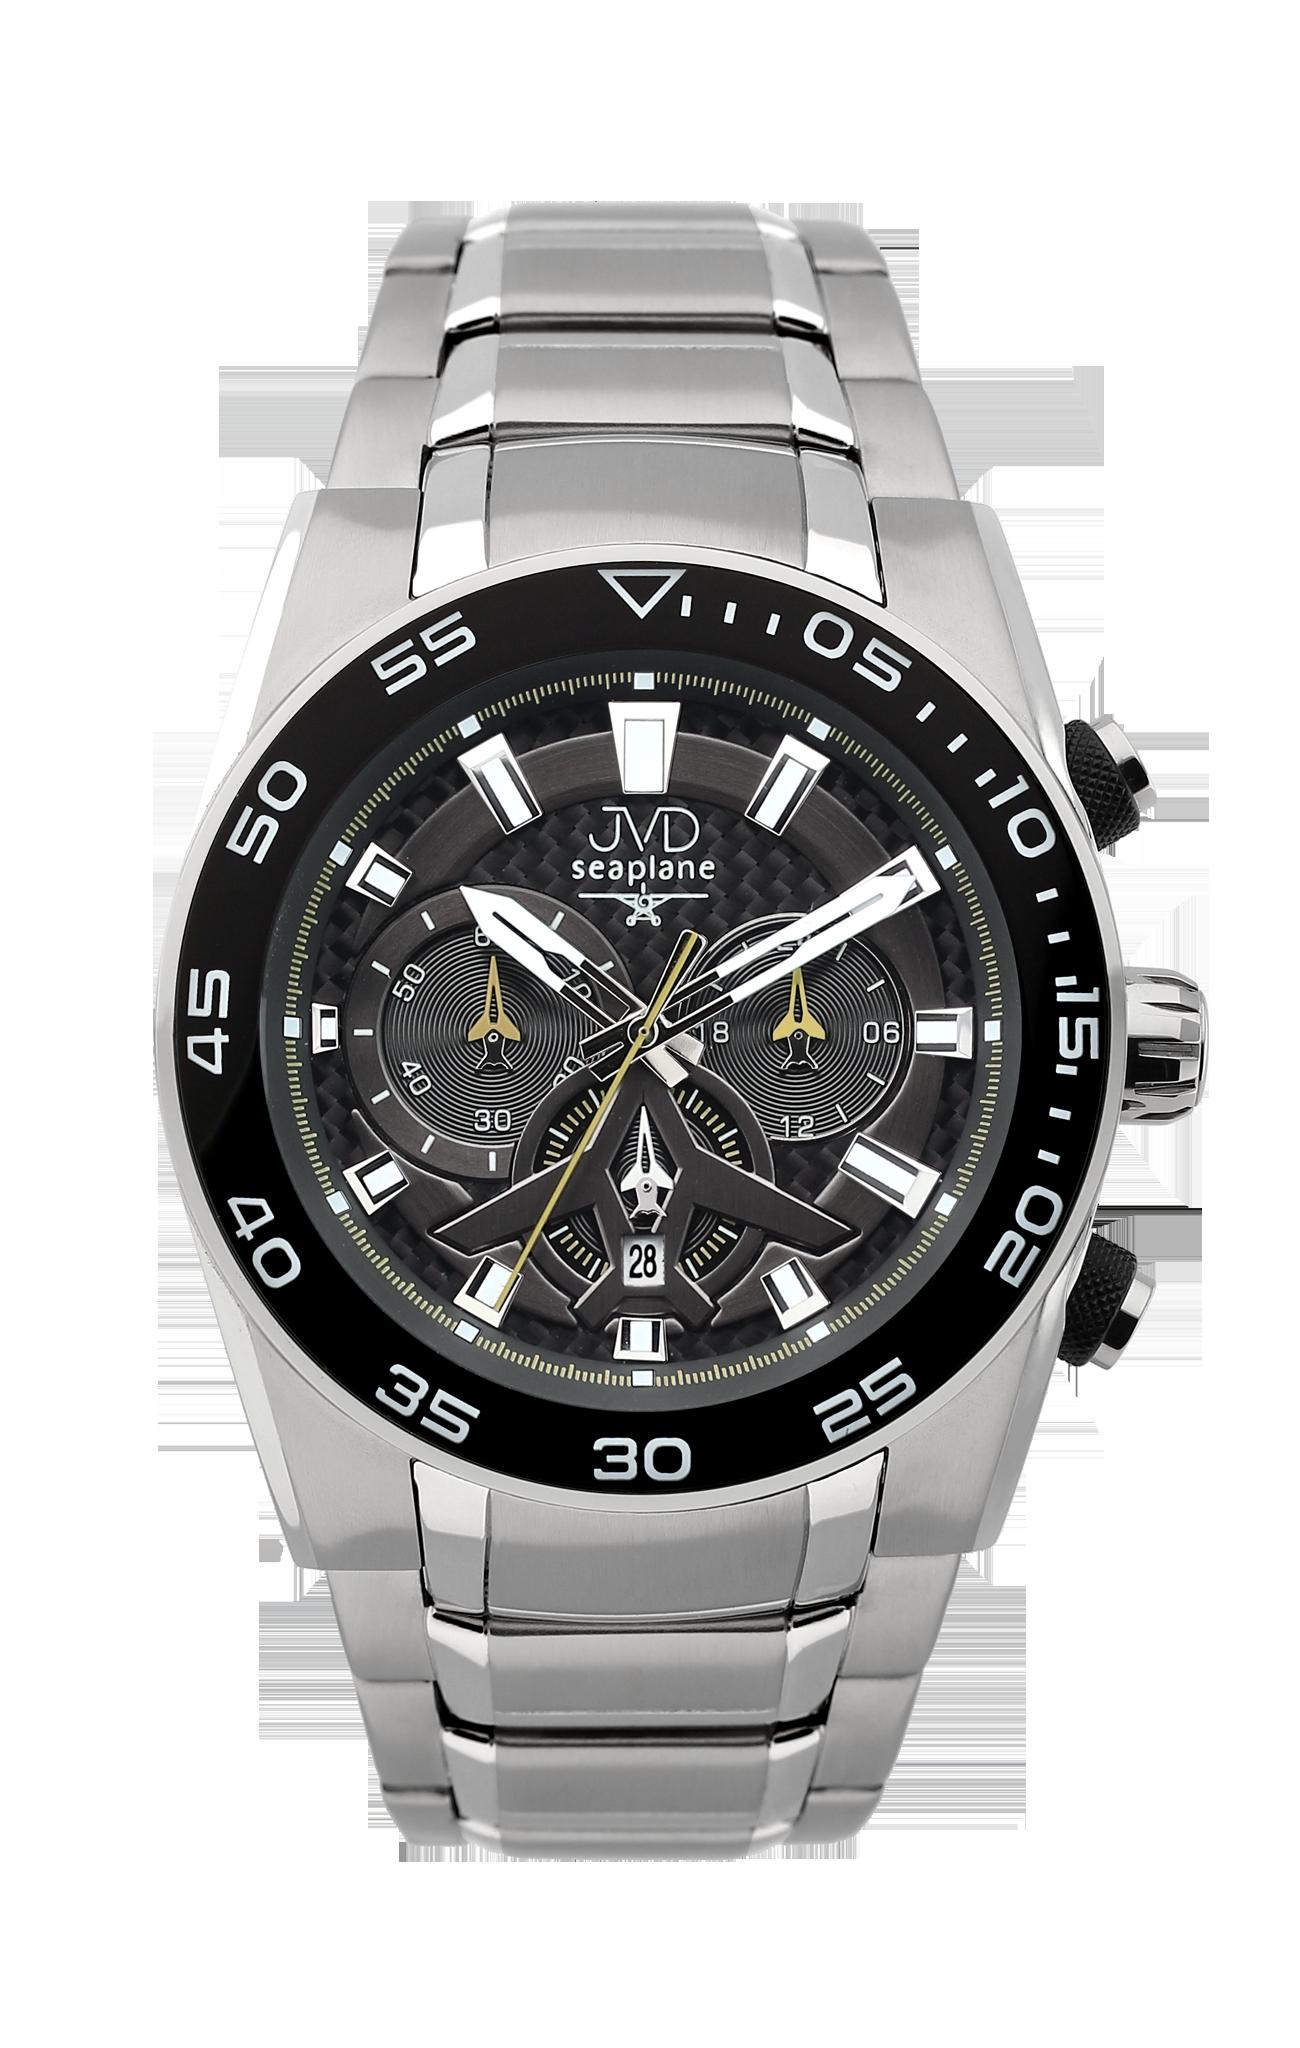 Luxusní vodotěsné sportovní hodinky JVD seaplane W49.1 chornograf se stopkami (POŠTOVNÉ ZDARMA!!)